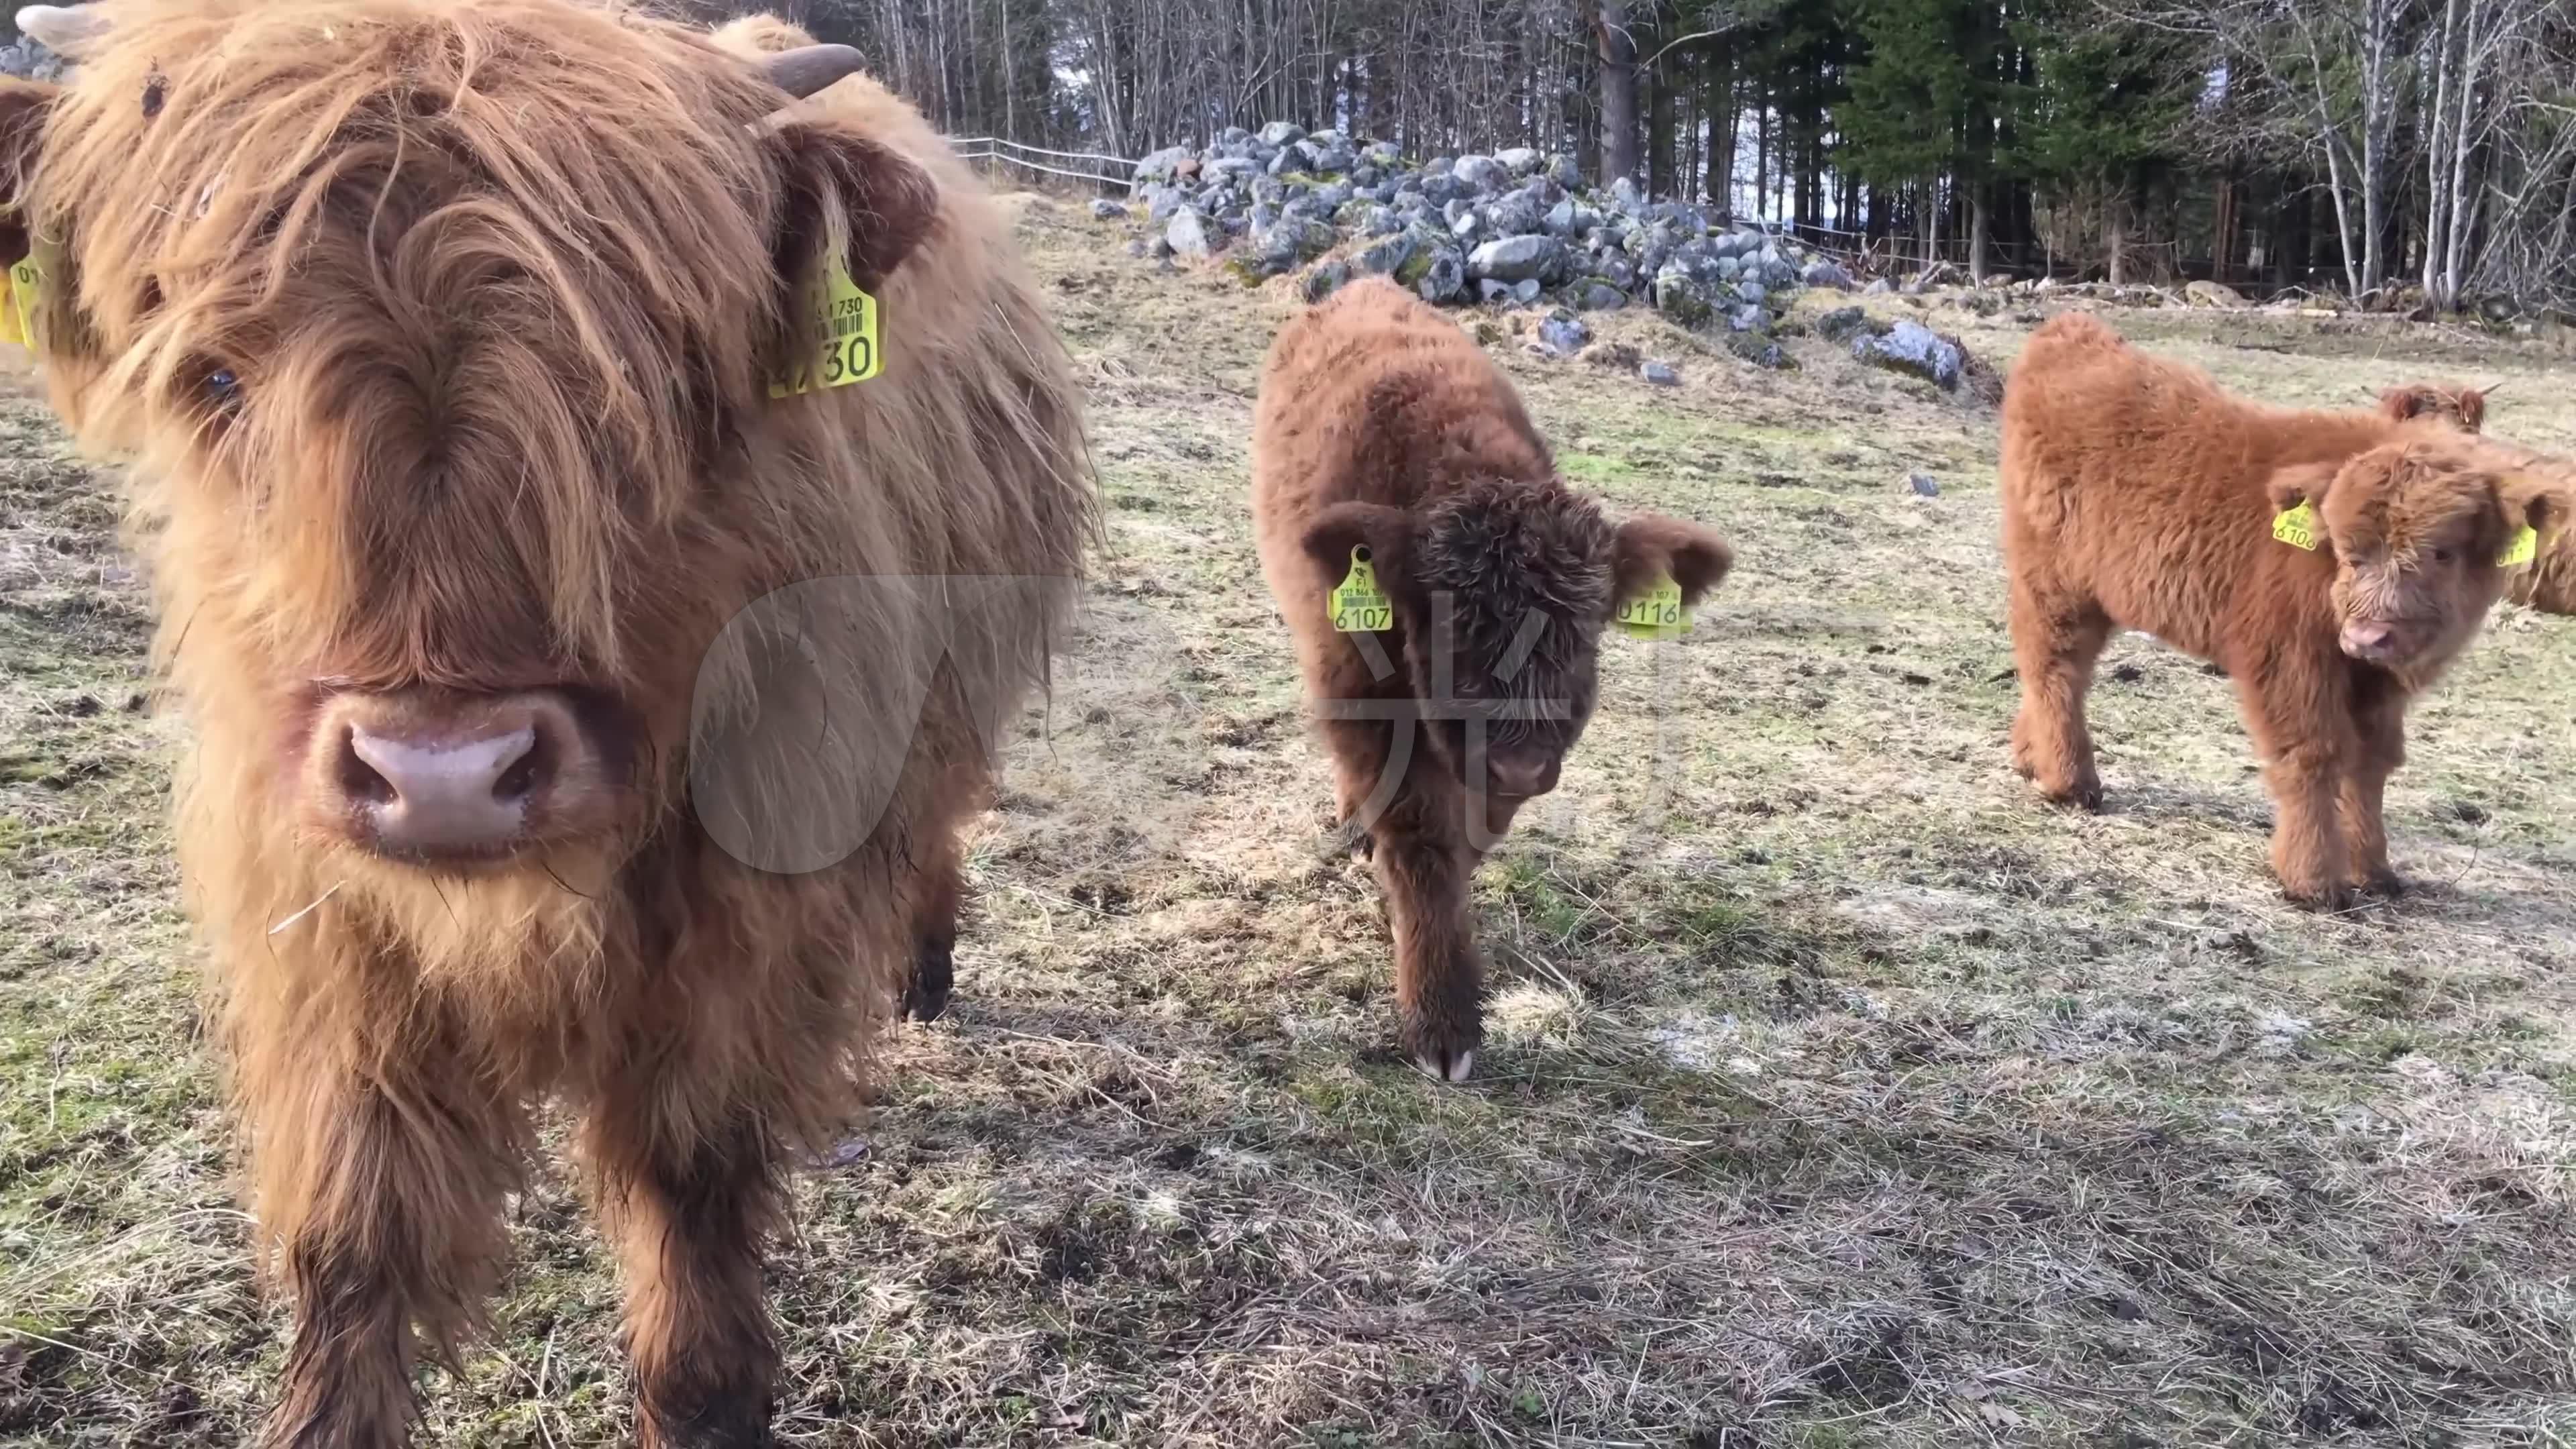 苏格兰高地牛芬兰牧场牛犊养殖畜牧业